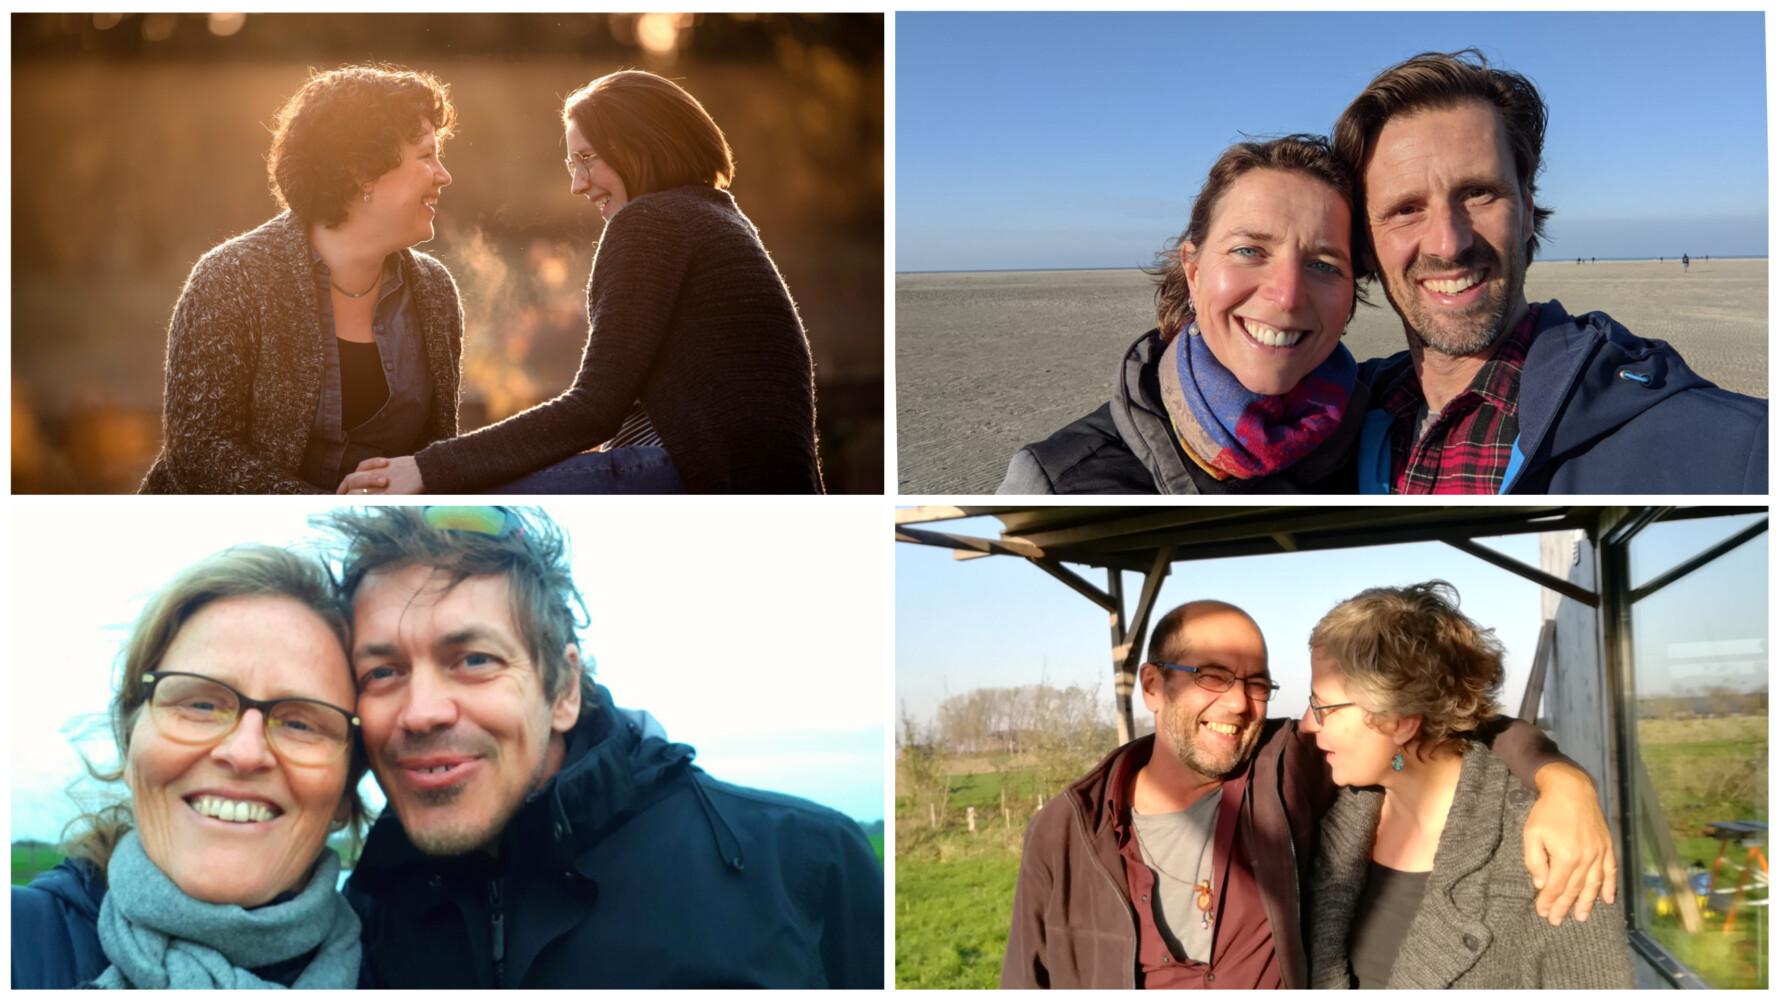 Valentijnsdag: serie podcasts over de liefde – Rebecca zoekt zin [podcasts]